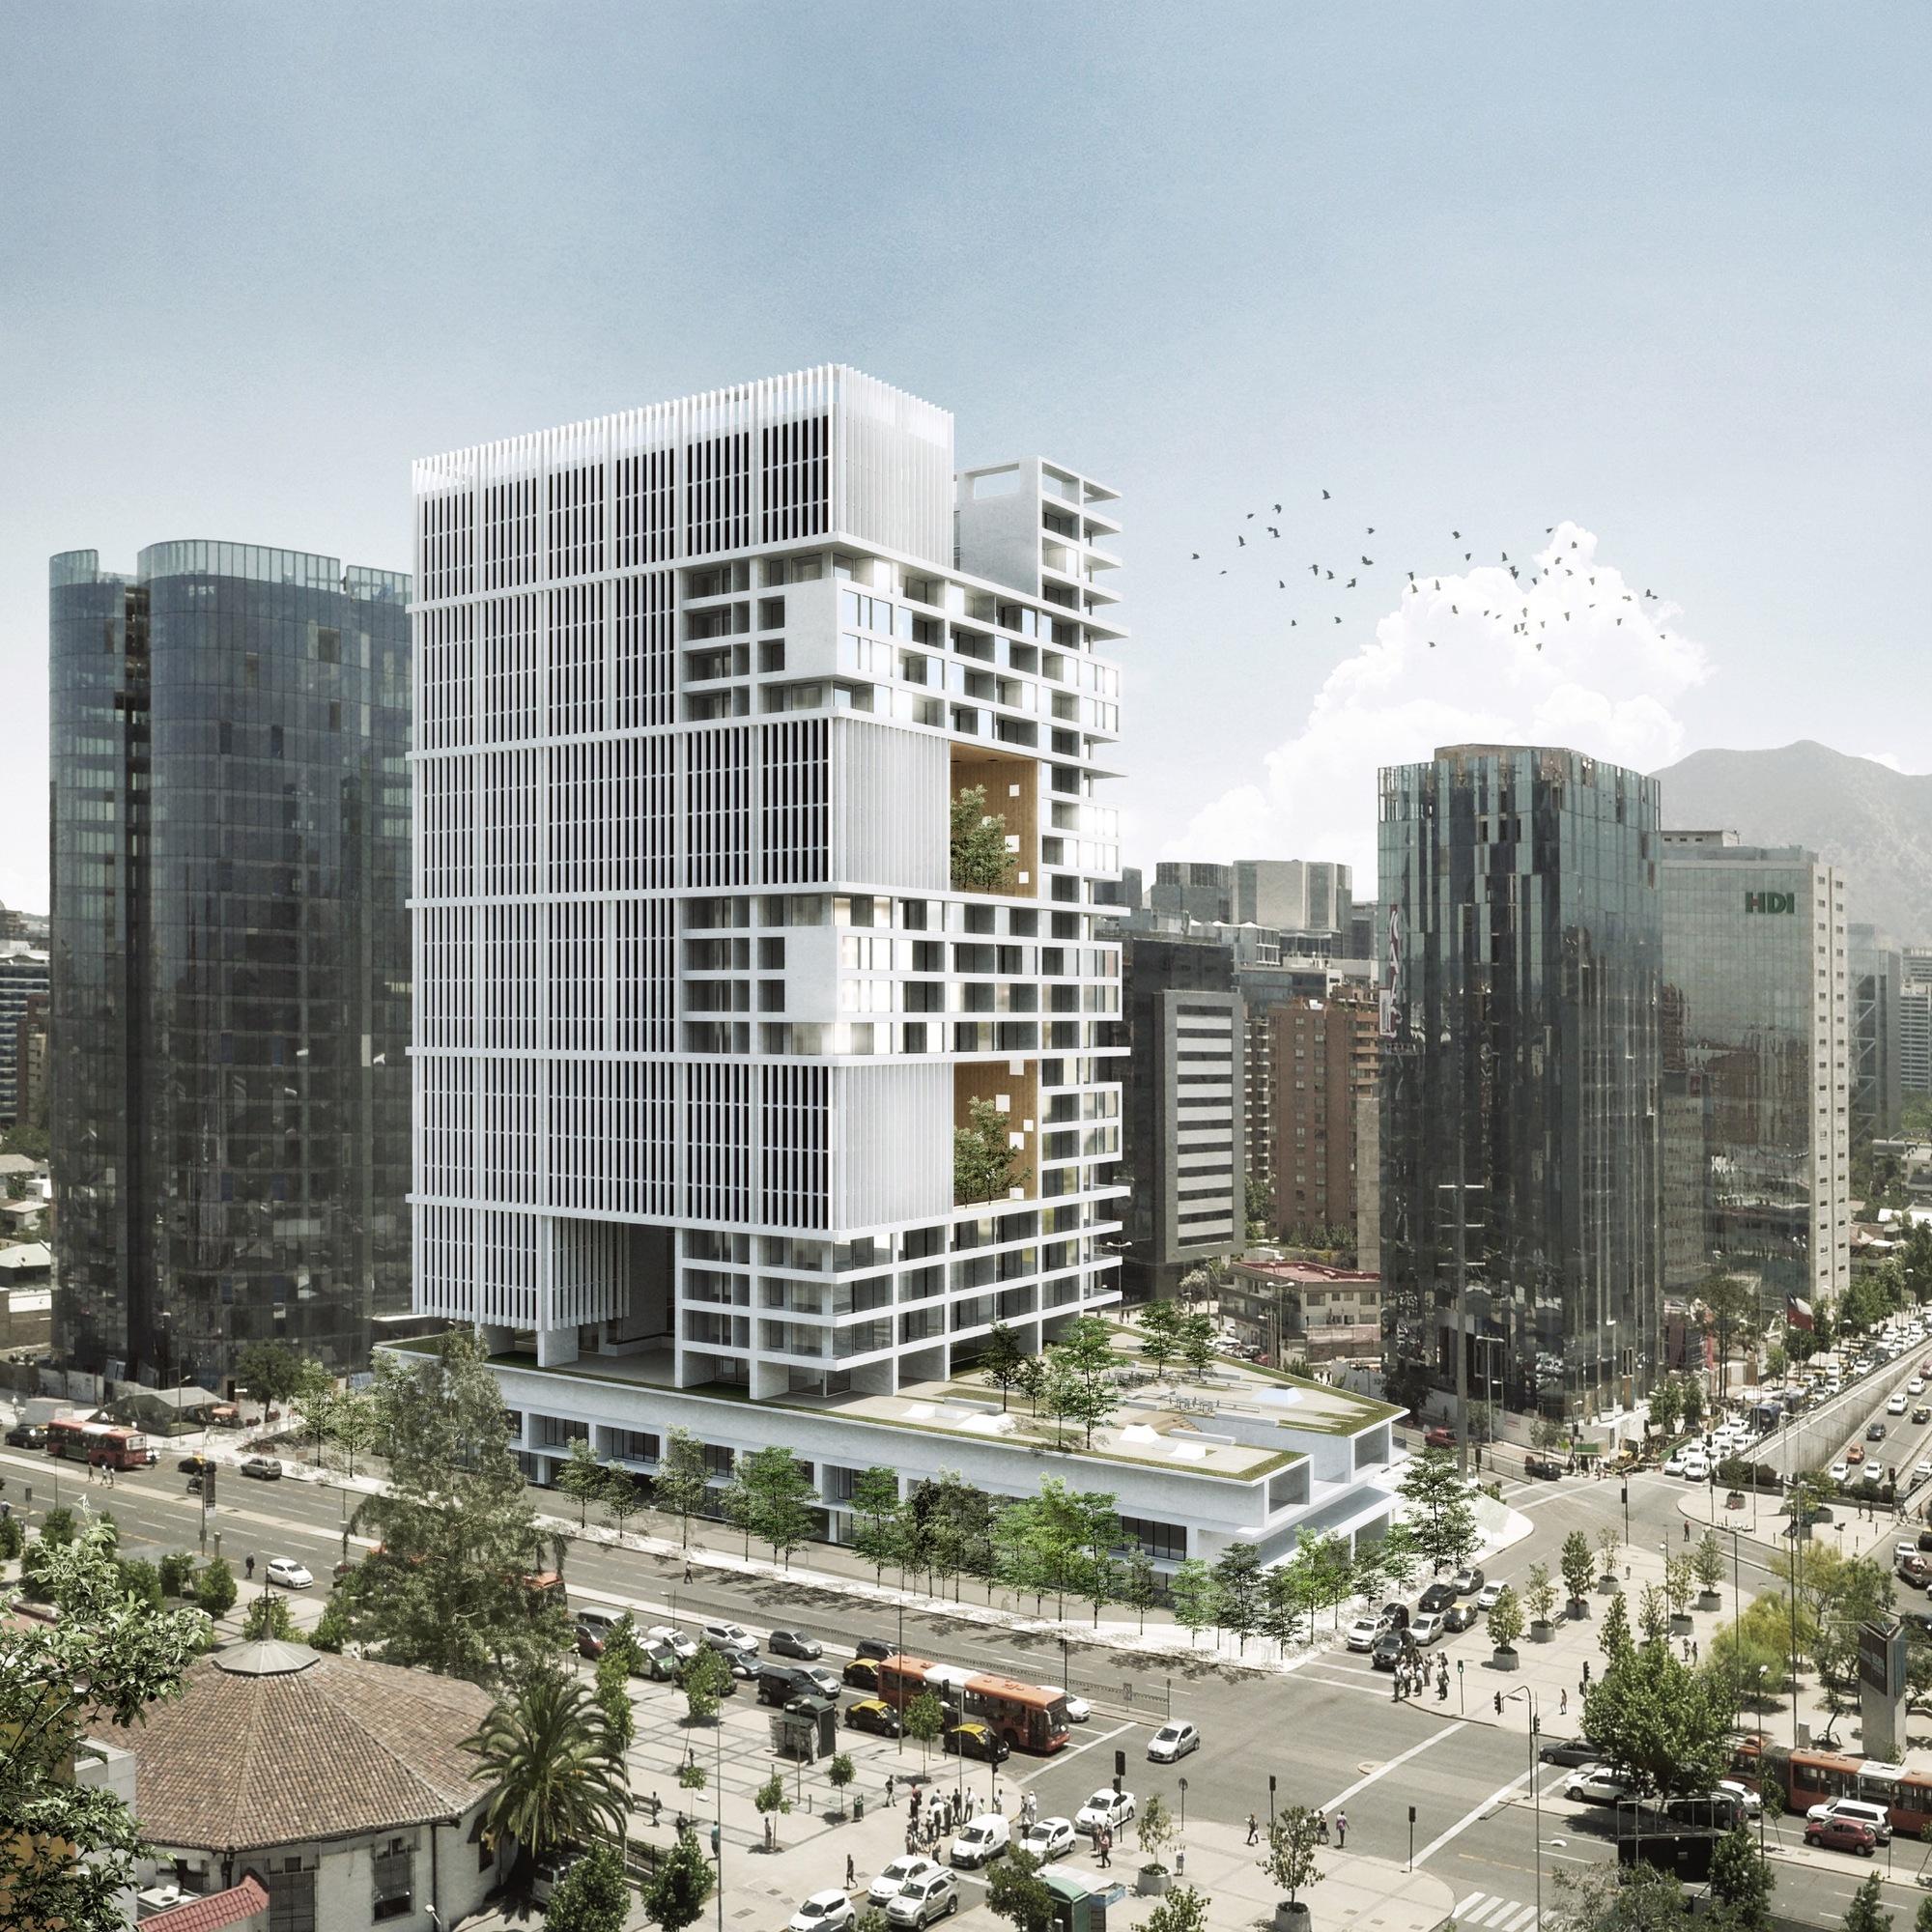 Propuesta de Gonzalo Mardones + b720 Fermín Vázquez Arquitectos para el Concurso Puerta Las Condes